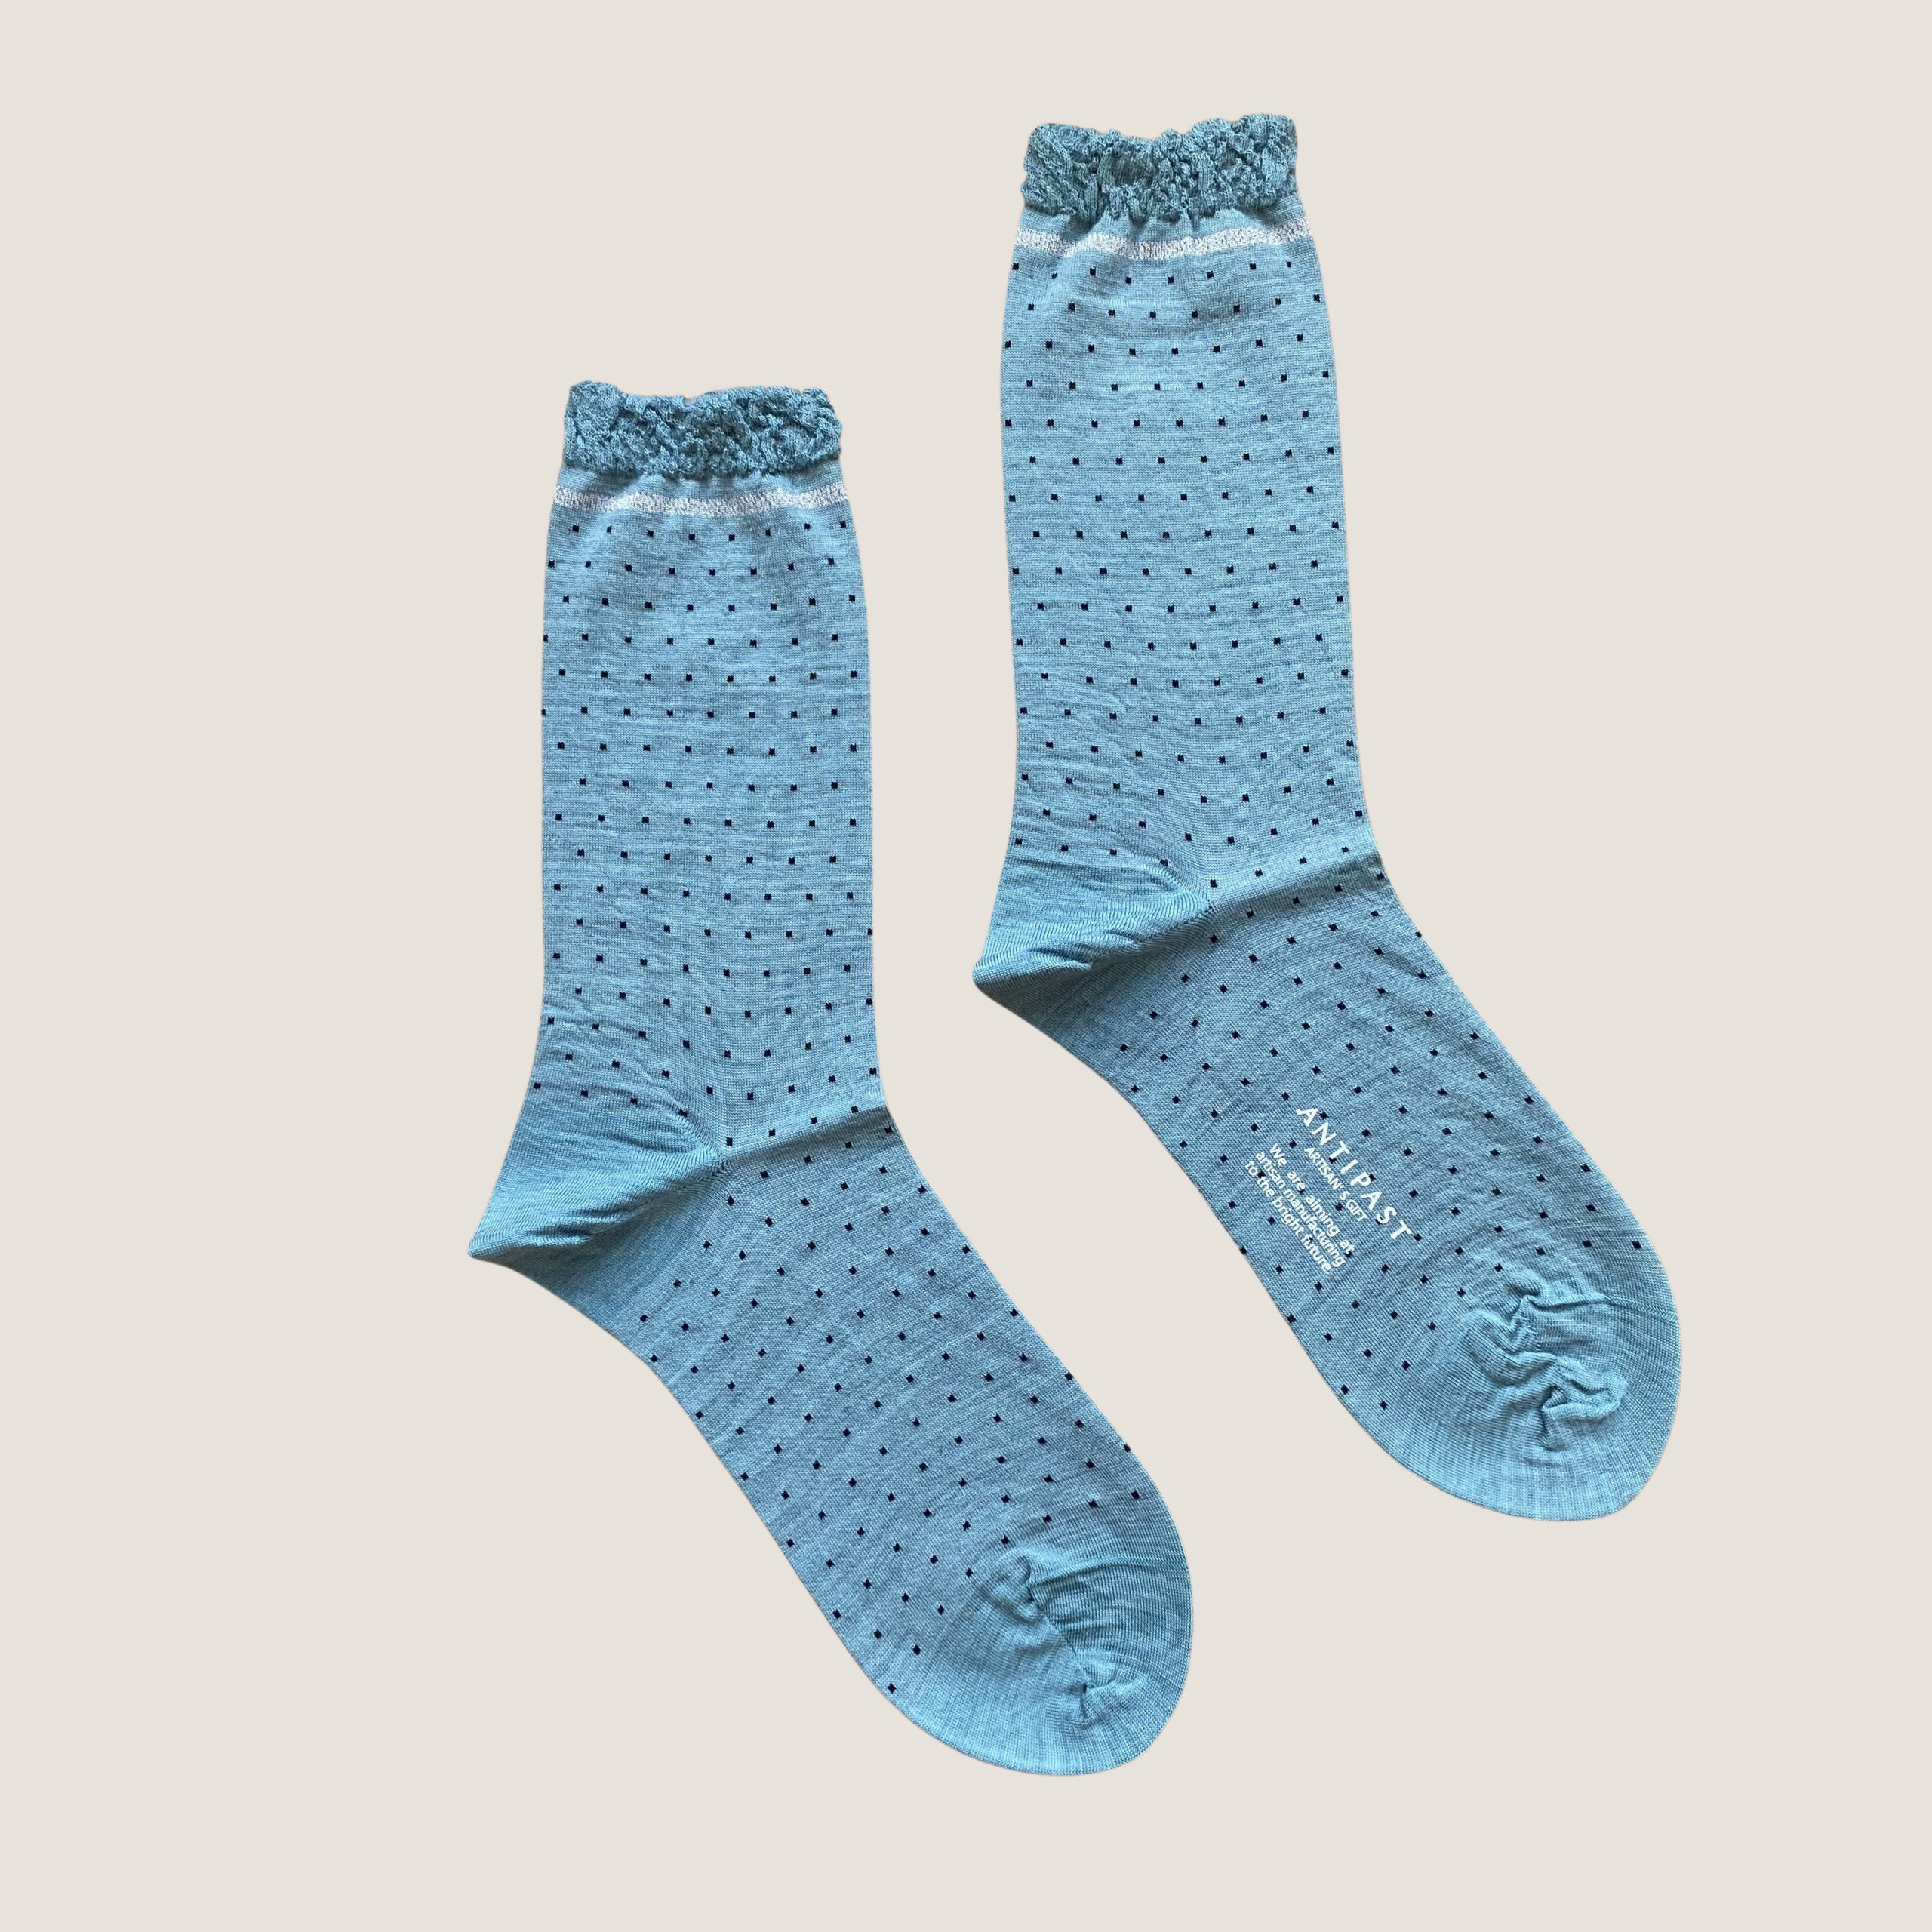 Socks - ANP113